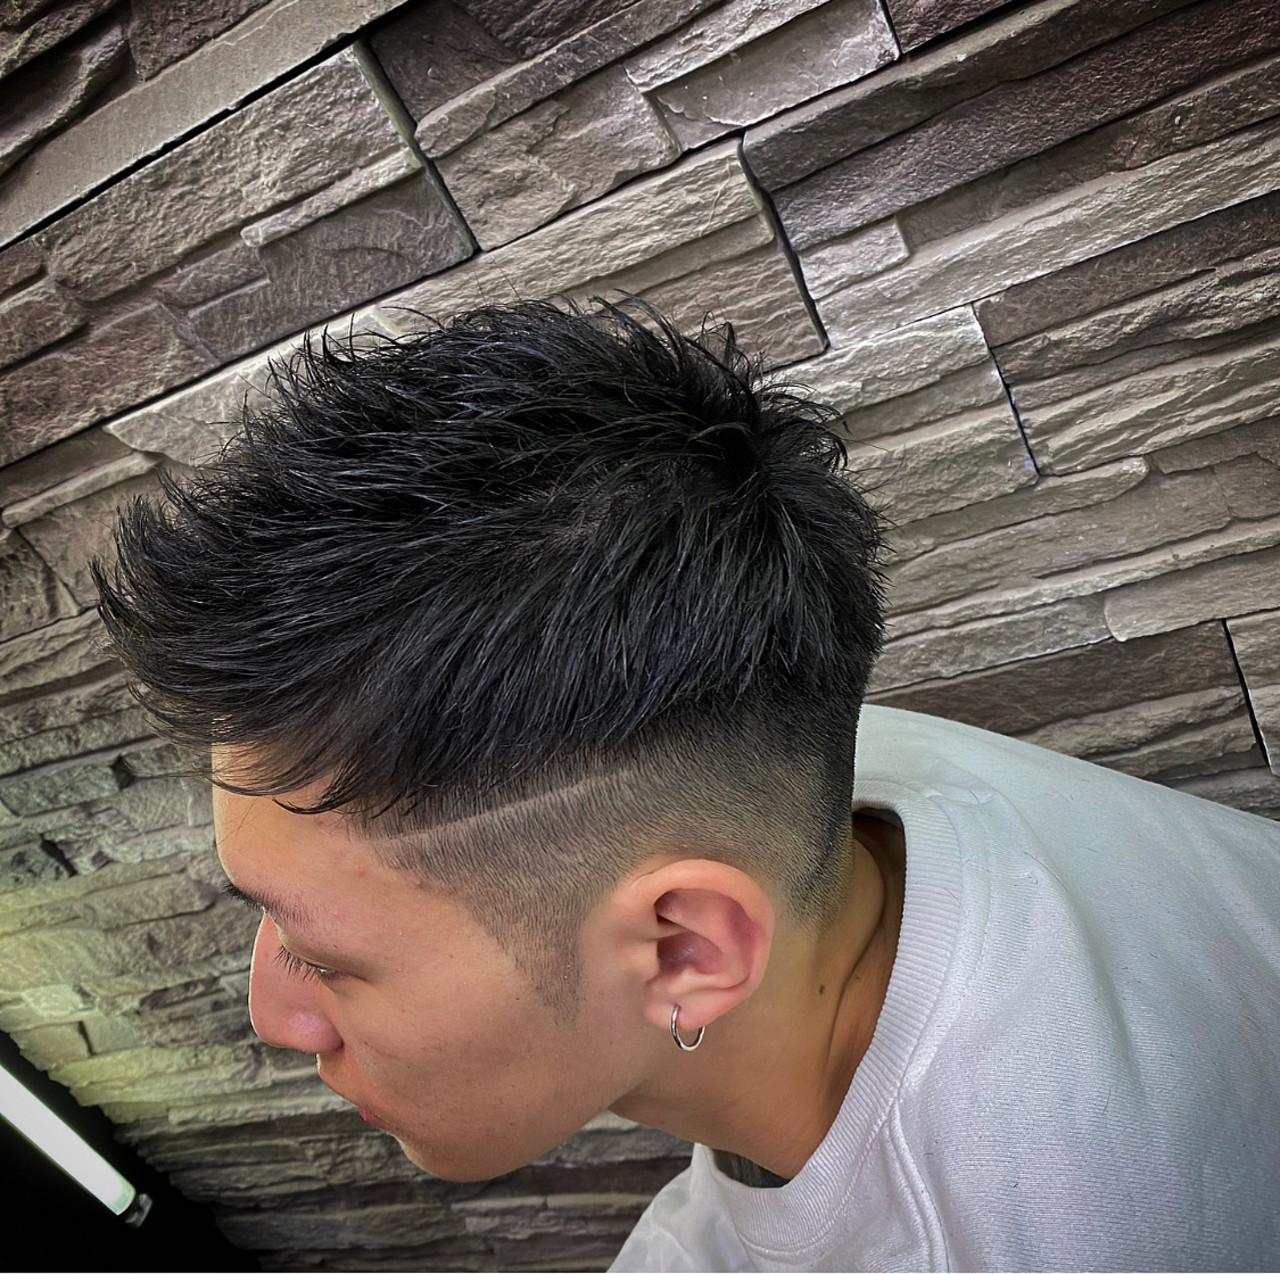 メンズカット フェードカット メンズパーマ ショート ヘアスタイルや髪型の写真・画像